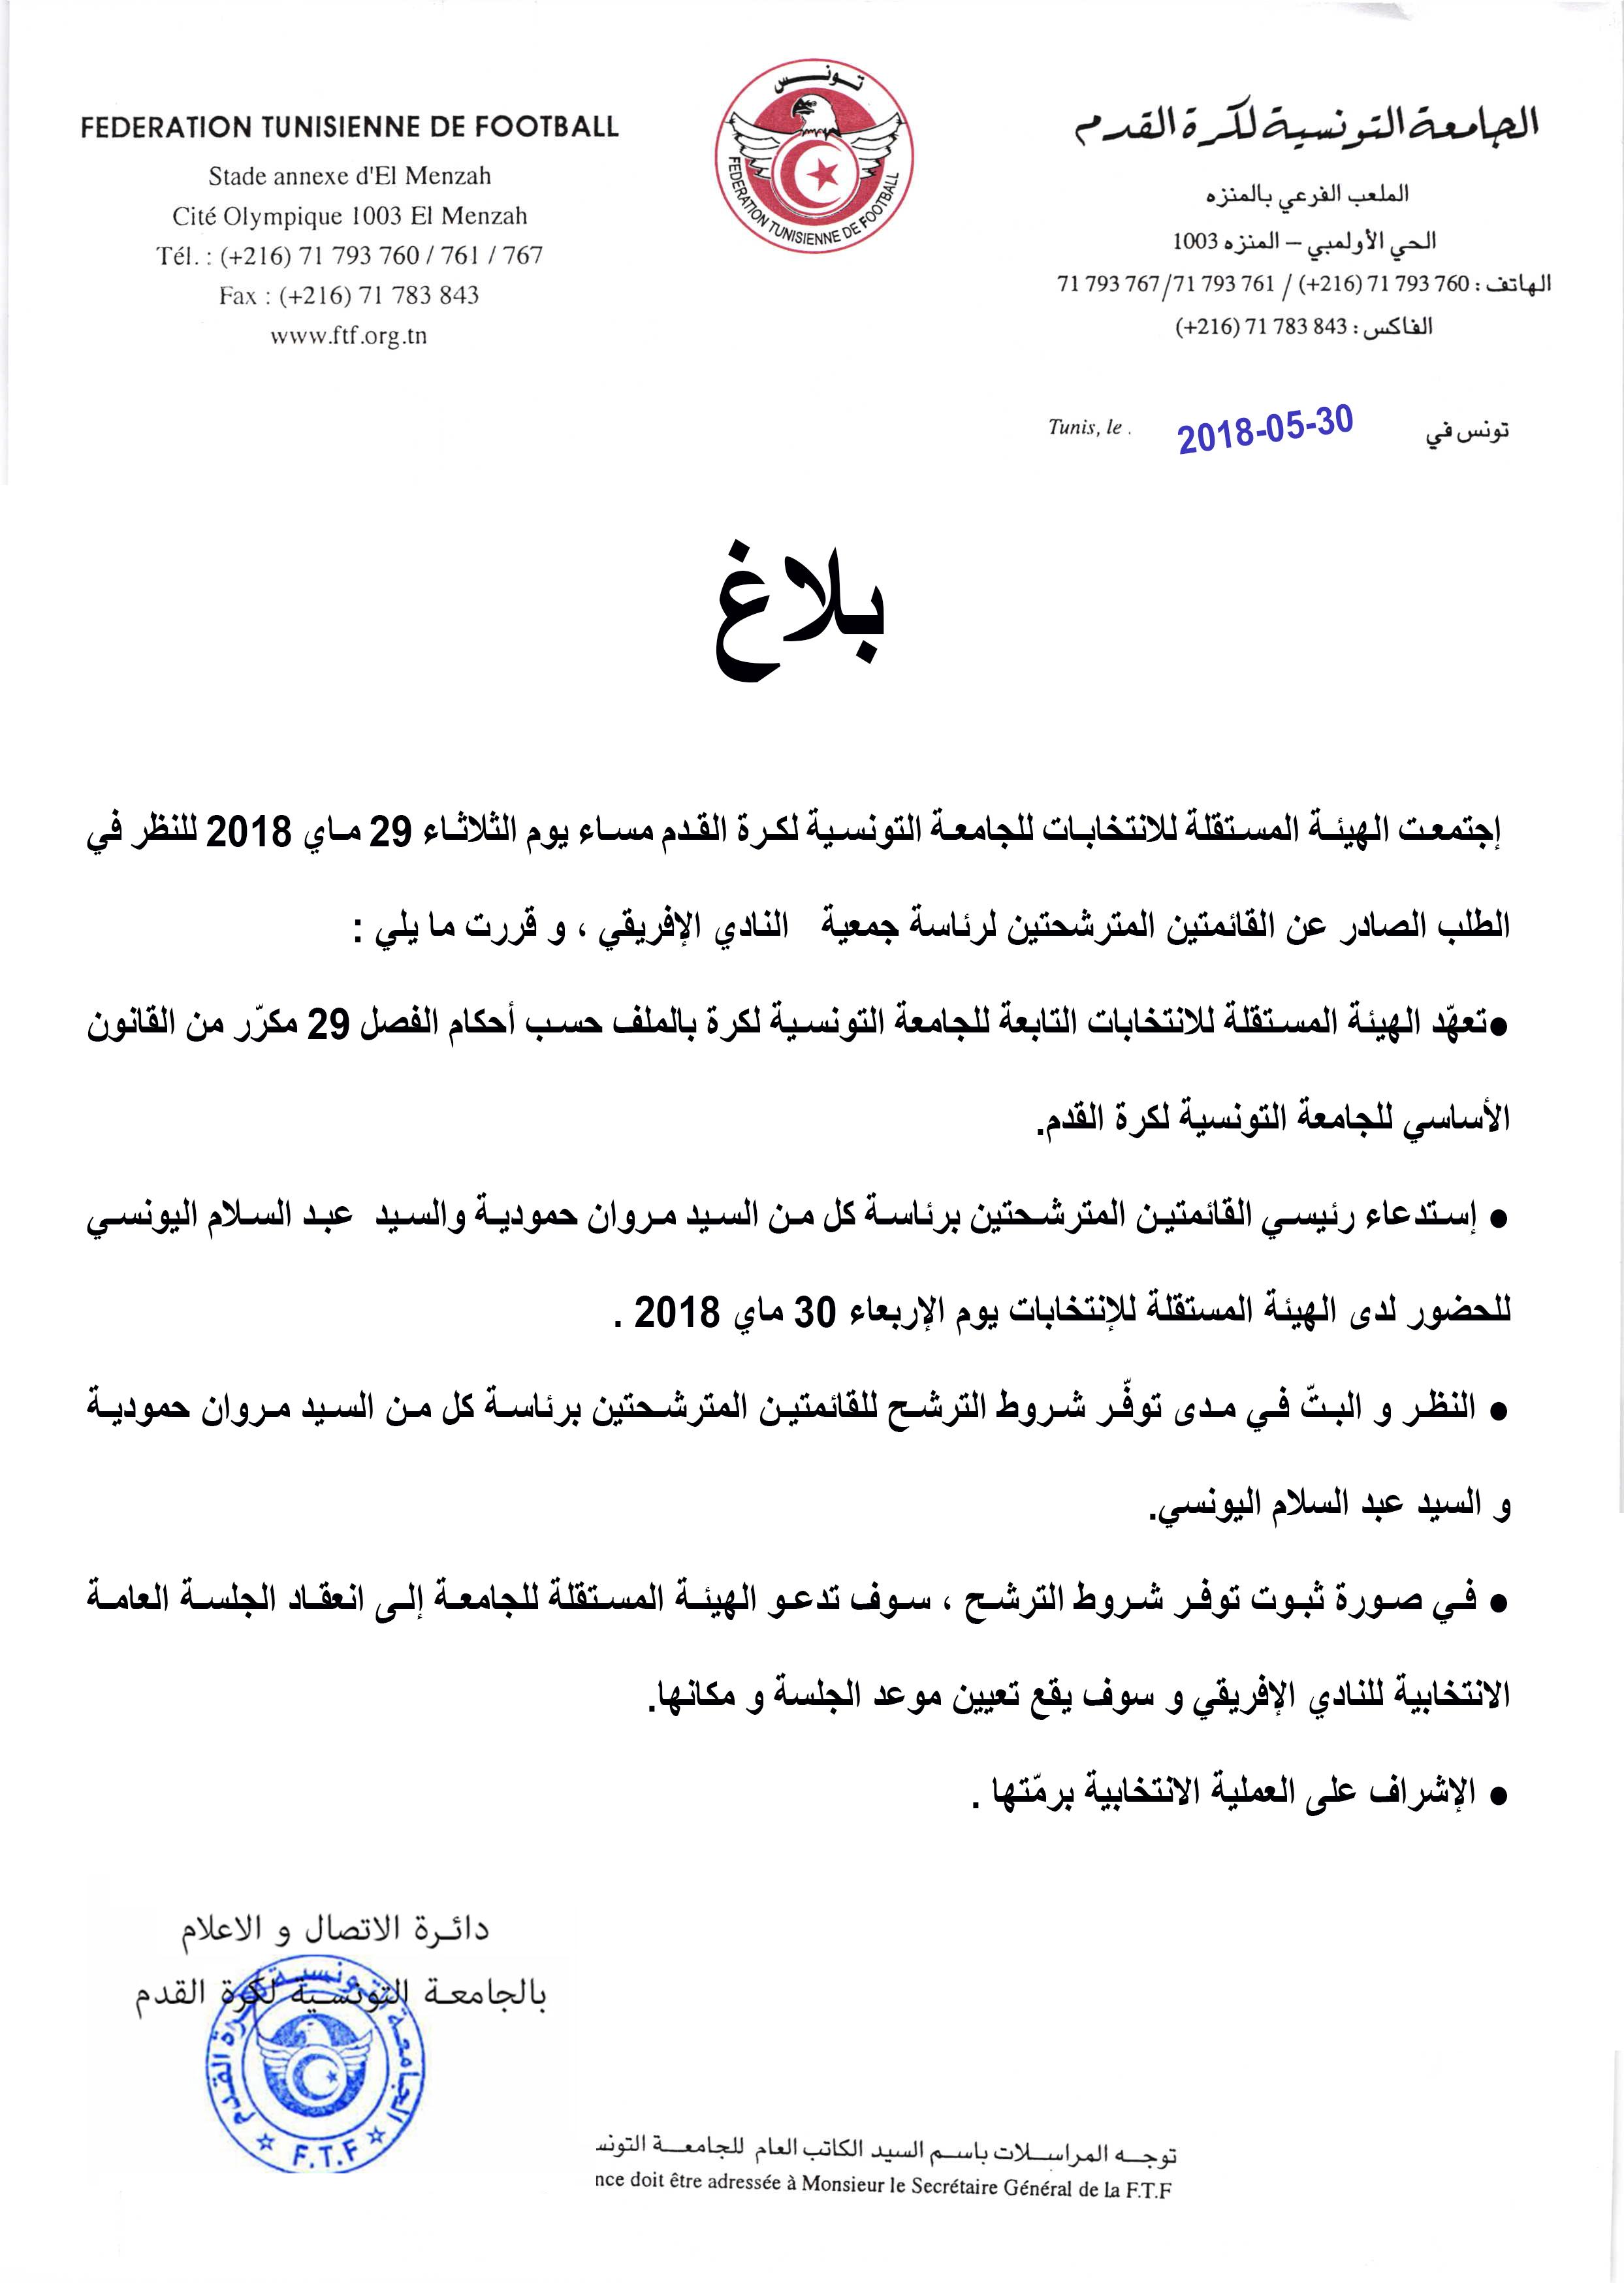 الجامعة تصدر بلاغا بخصوص الجلسة العامة الانتخابية للنادي الافريقي